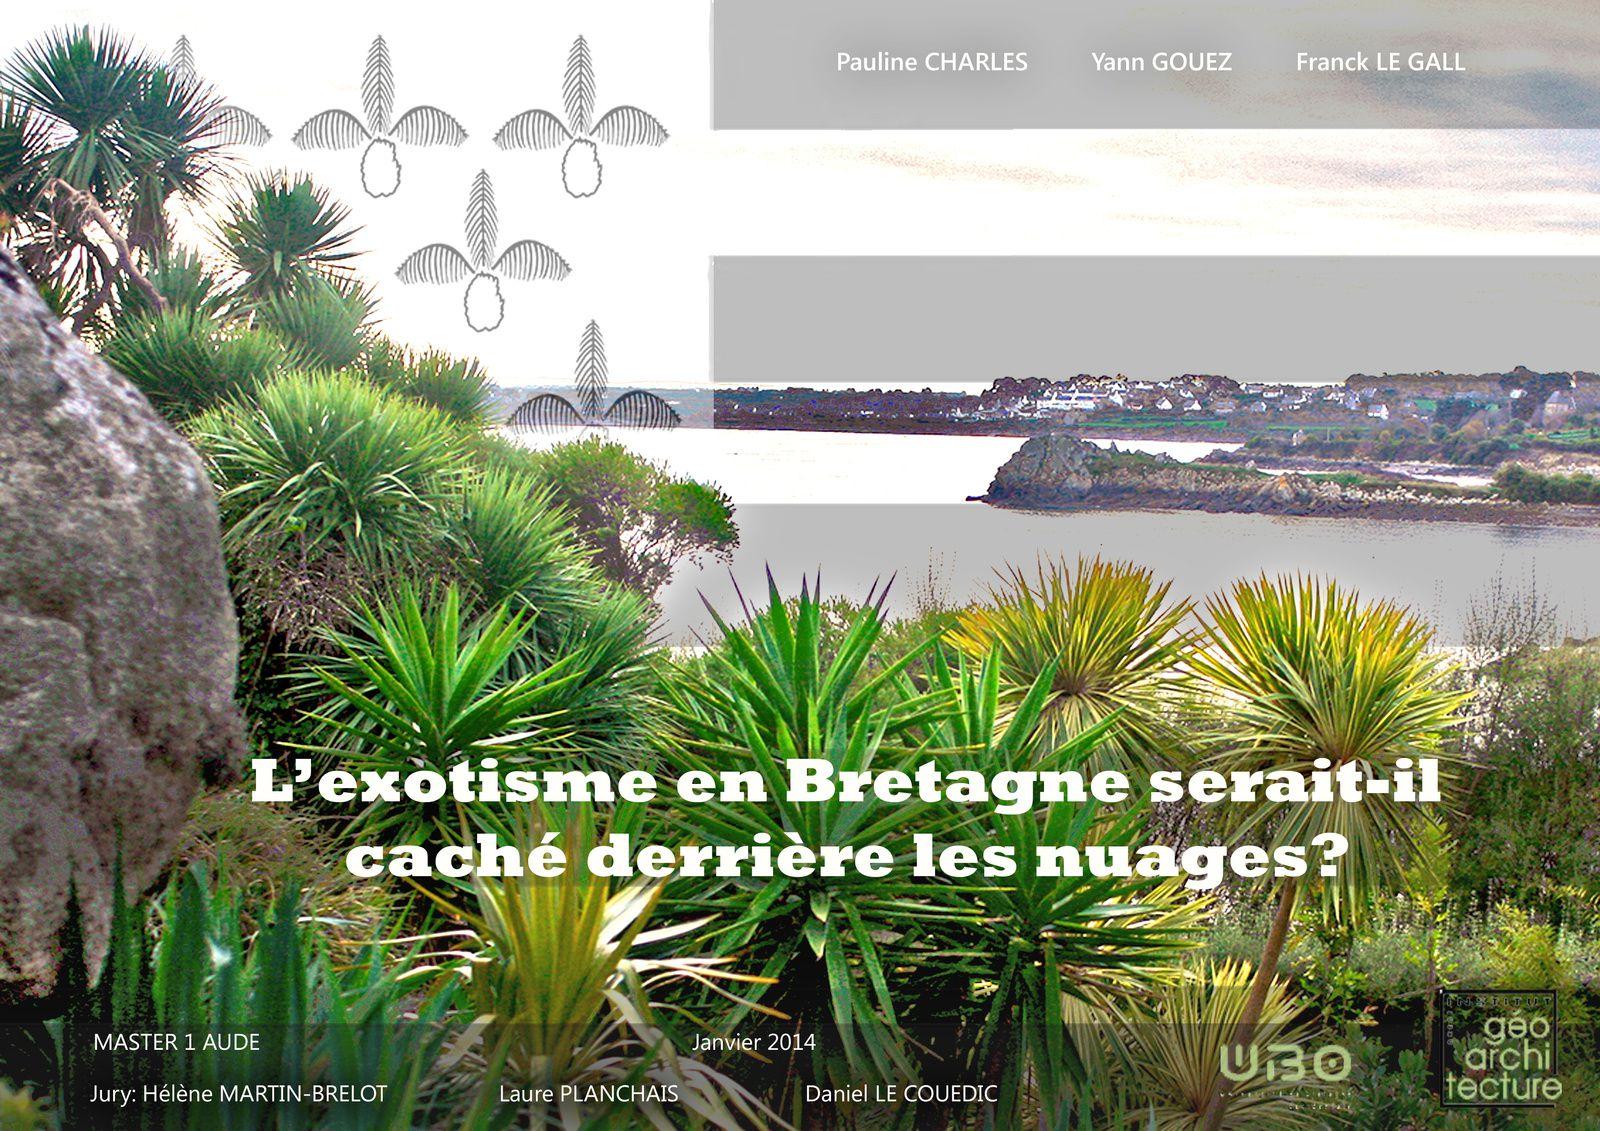 L'exotisme en Bretagne